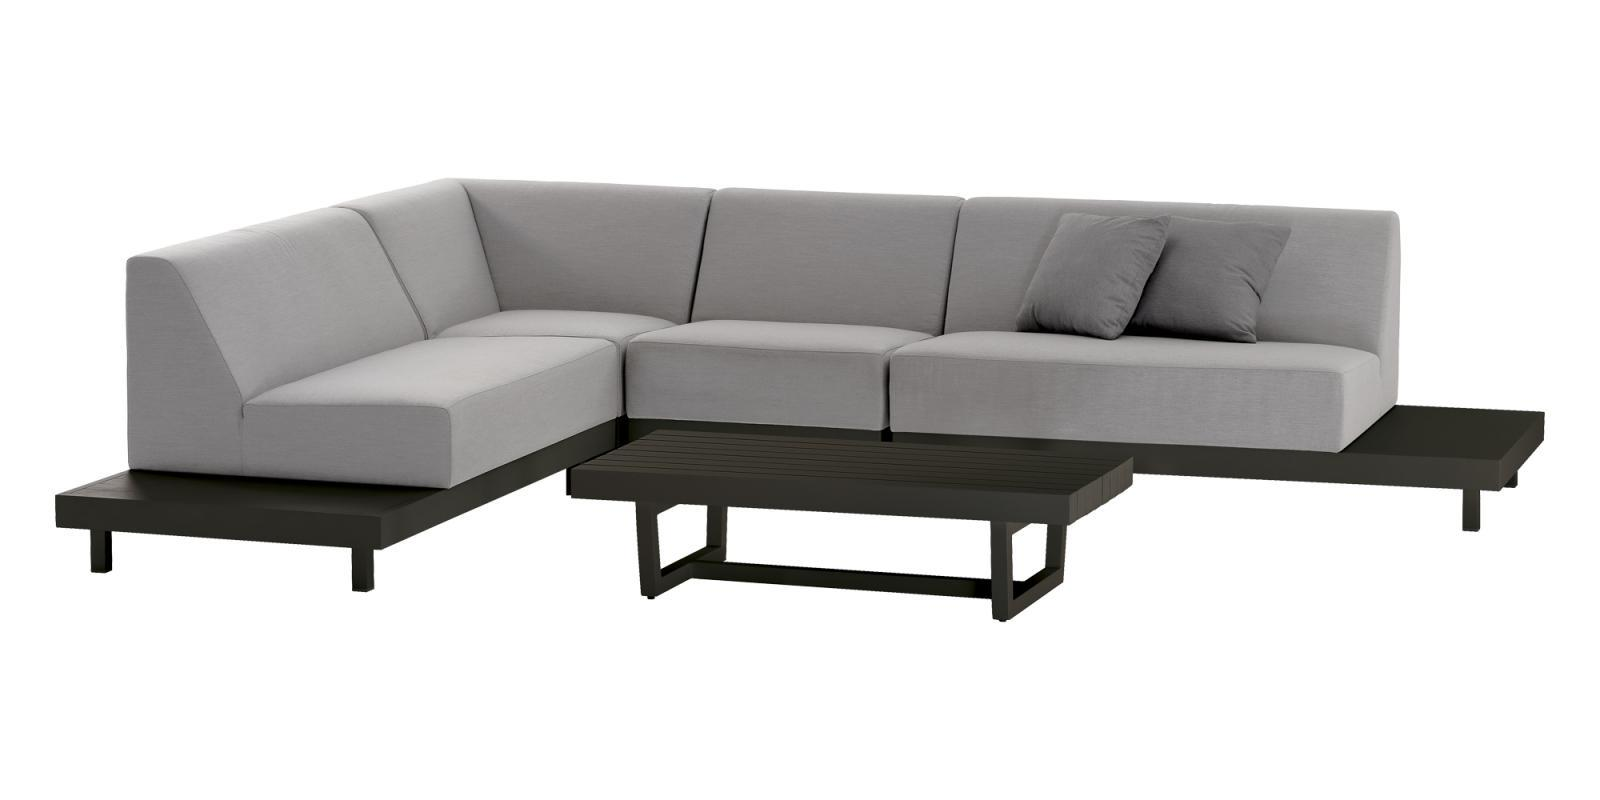 Комплект модульной мягкой мебели Alvory